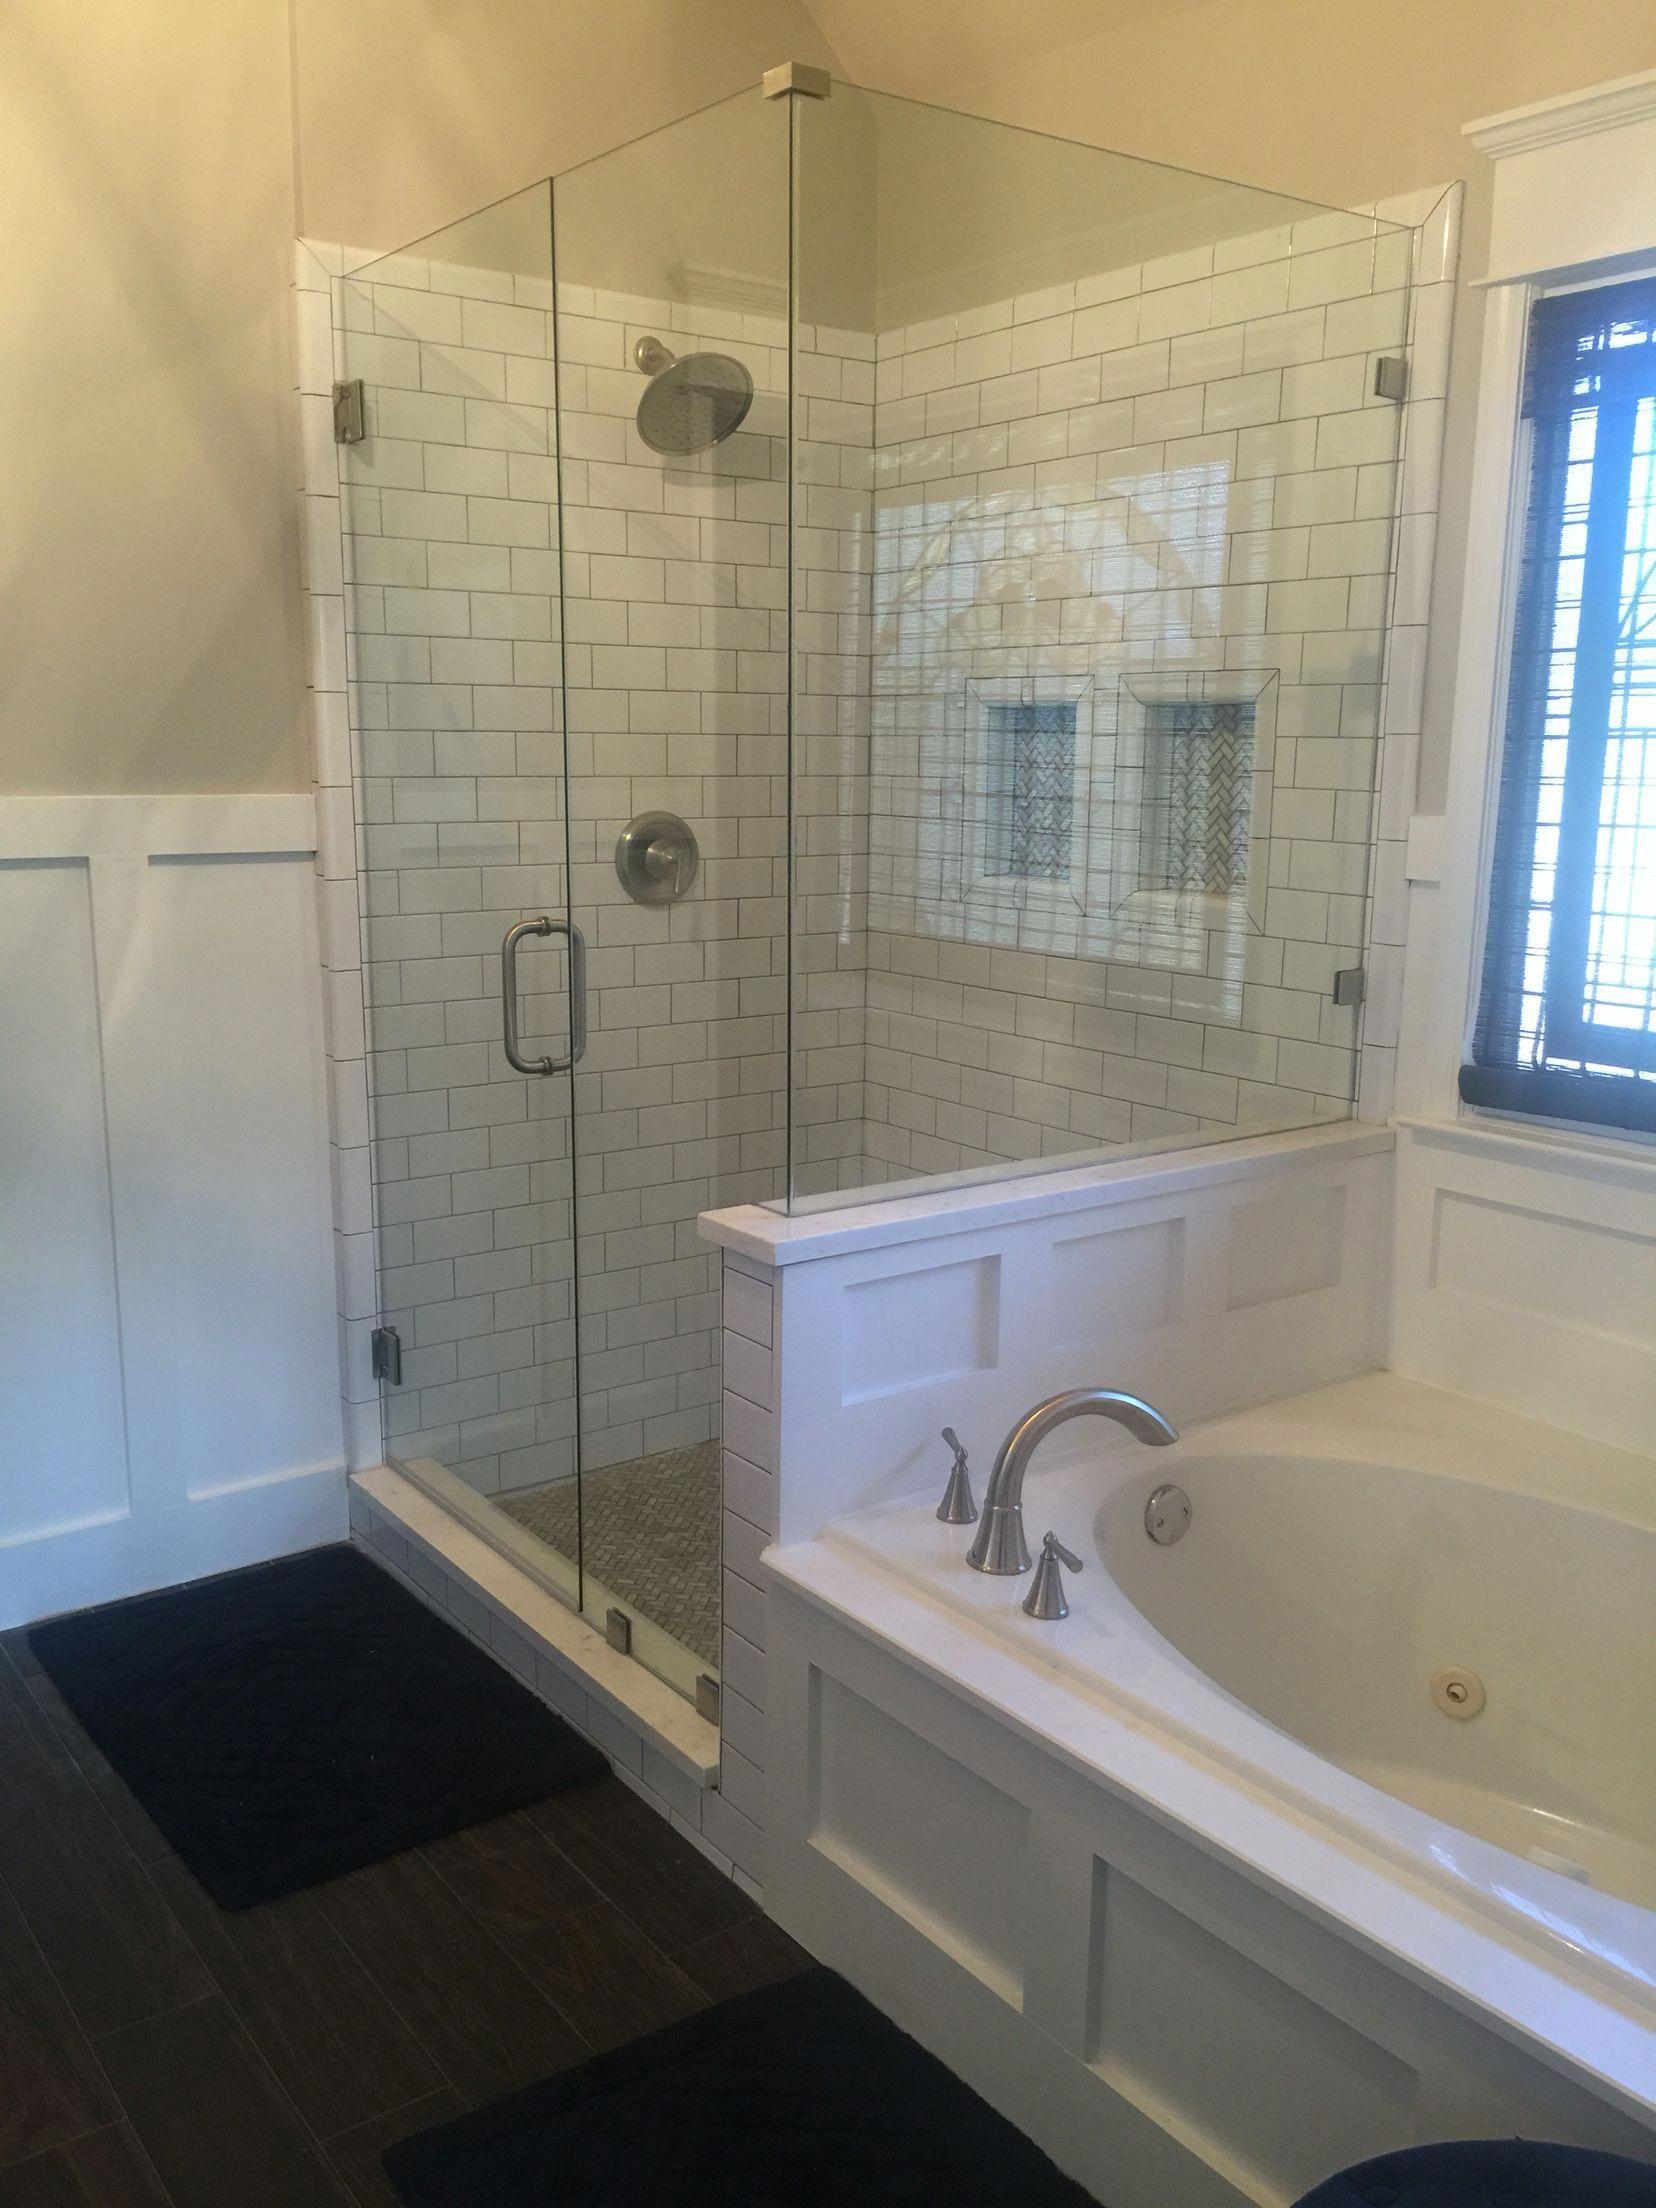 White Subway Tile Gray Grout Frameless Shower Dark Brown Wood Tile Flooring Bathroomtilefloordark Wood Tile Bathroom Wood Tile Bathroom Floor Tile Bathroom